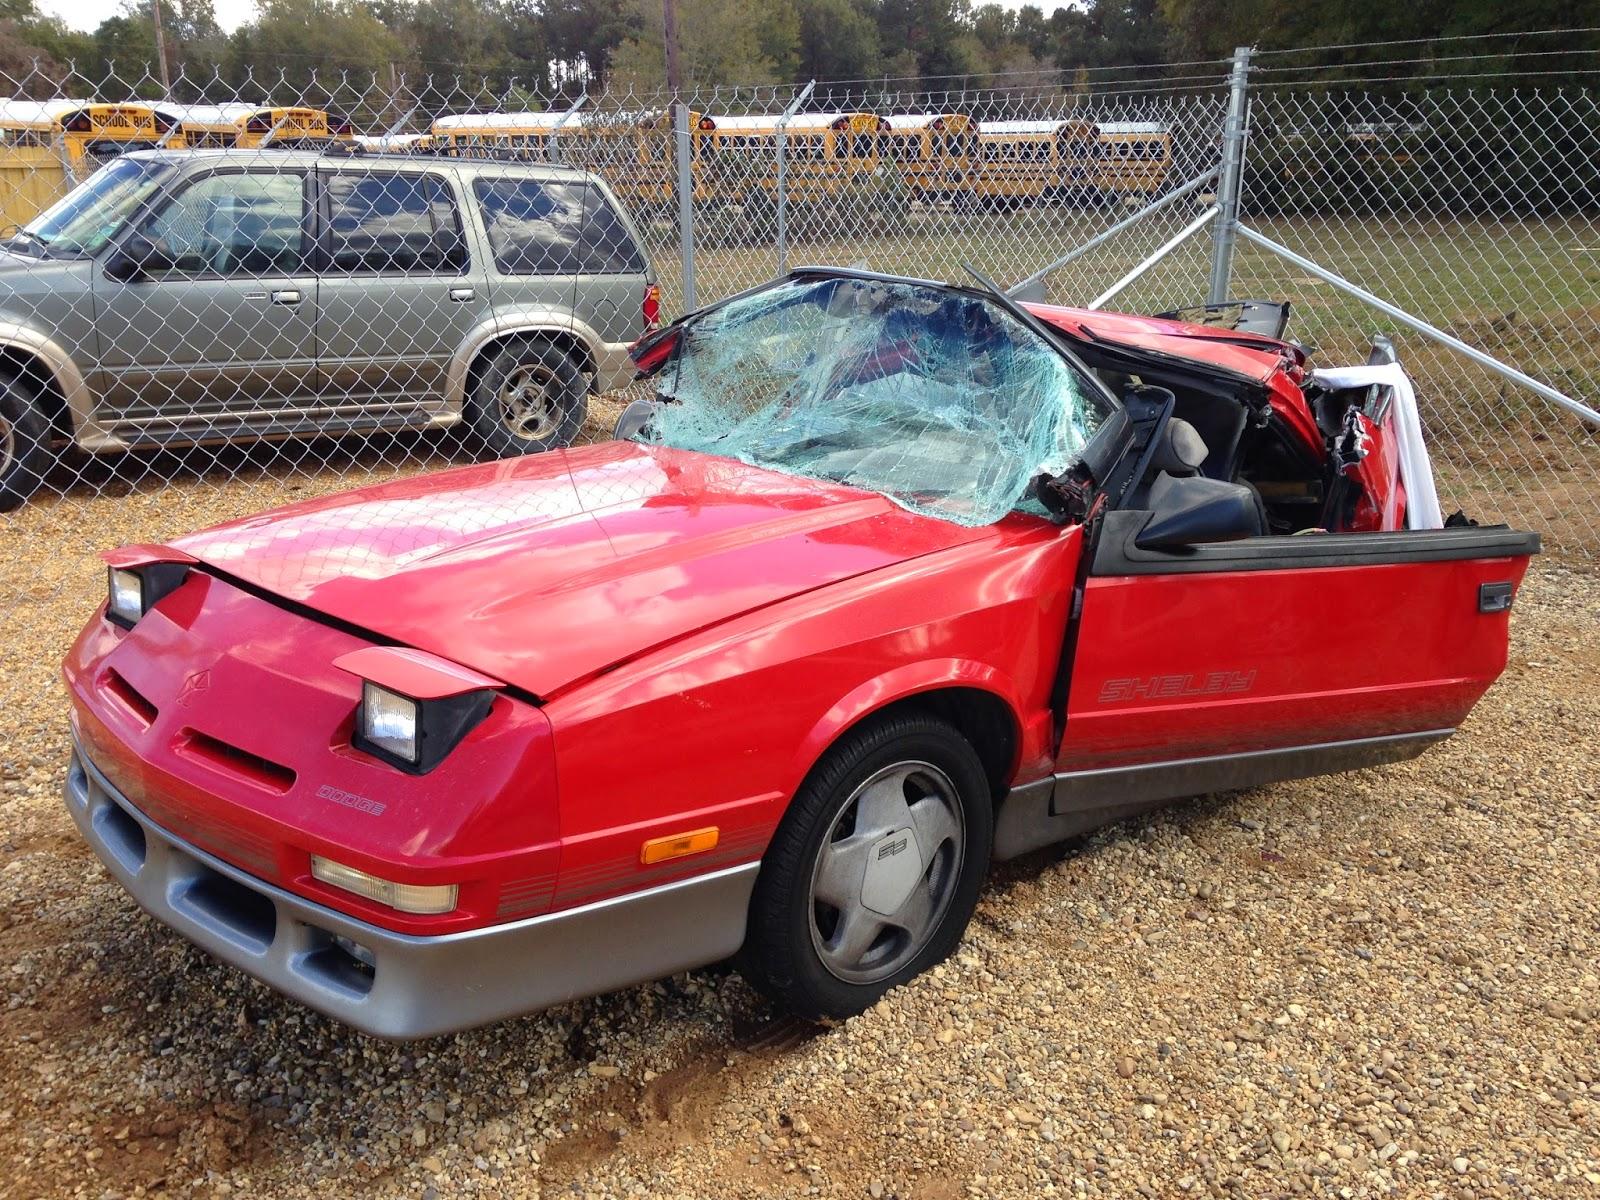 The 1989 Dodge Daytona Shelby Diary